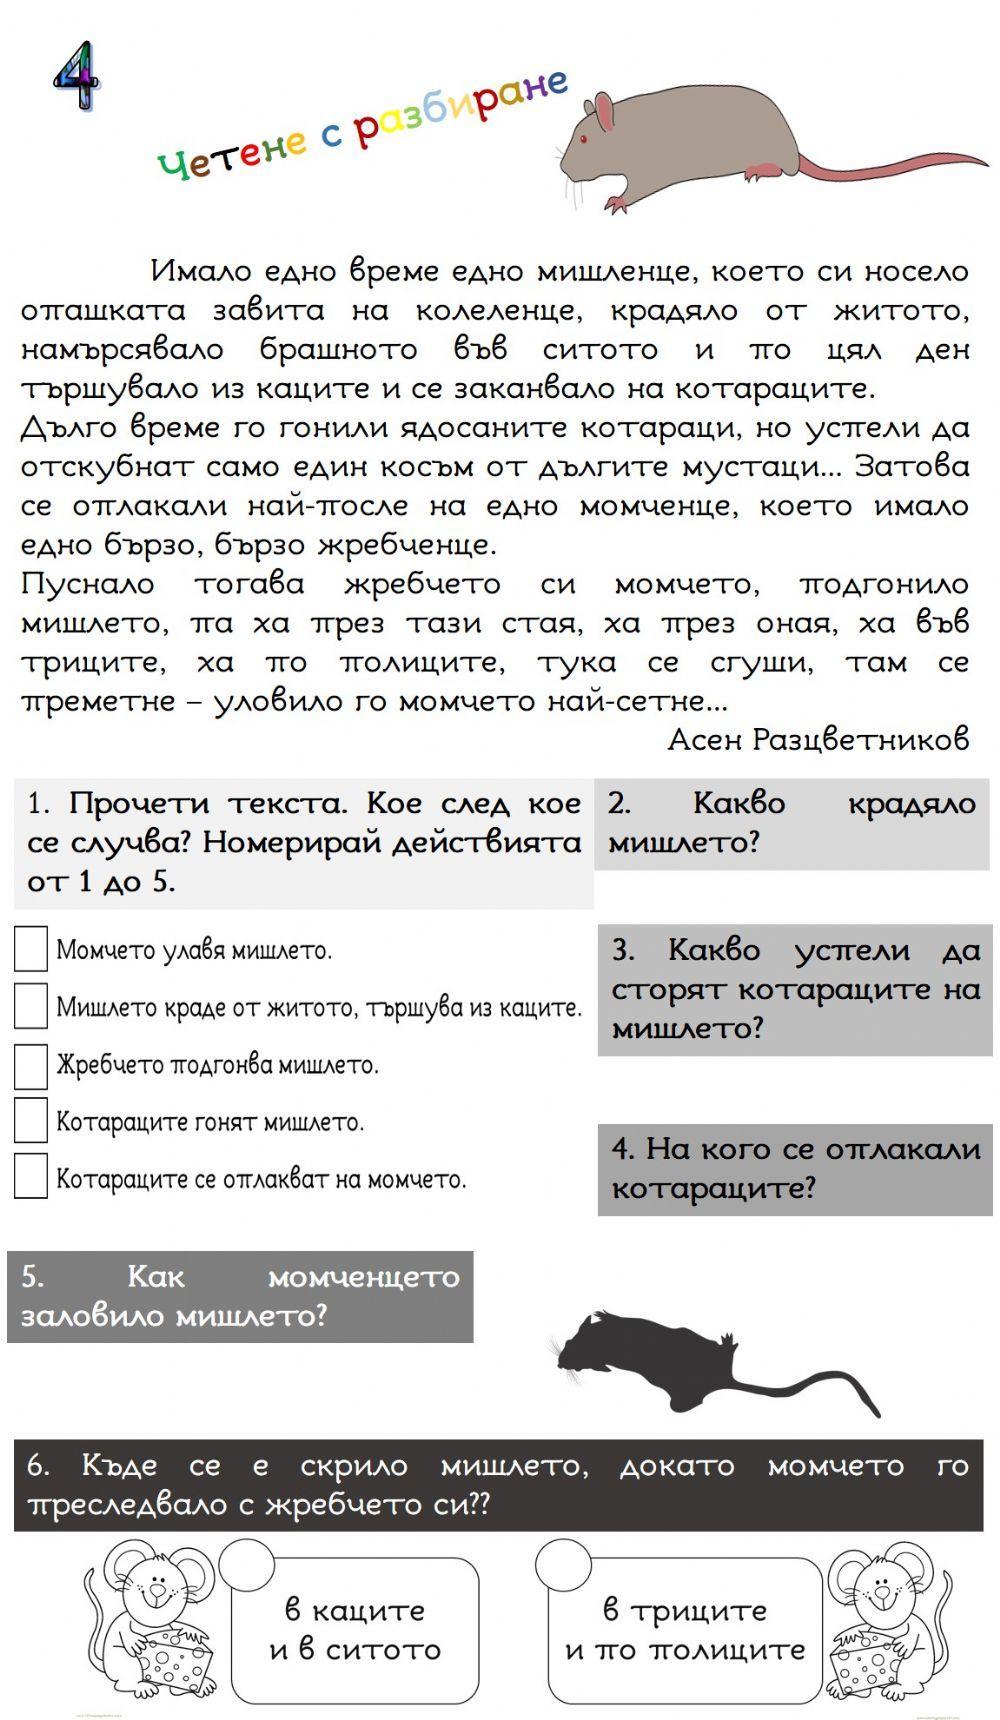 Четене с разбиране4 Interactive worksheet in 2020